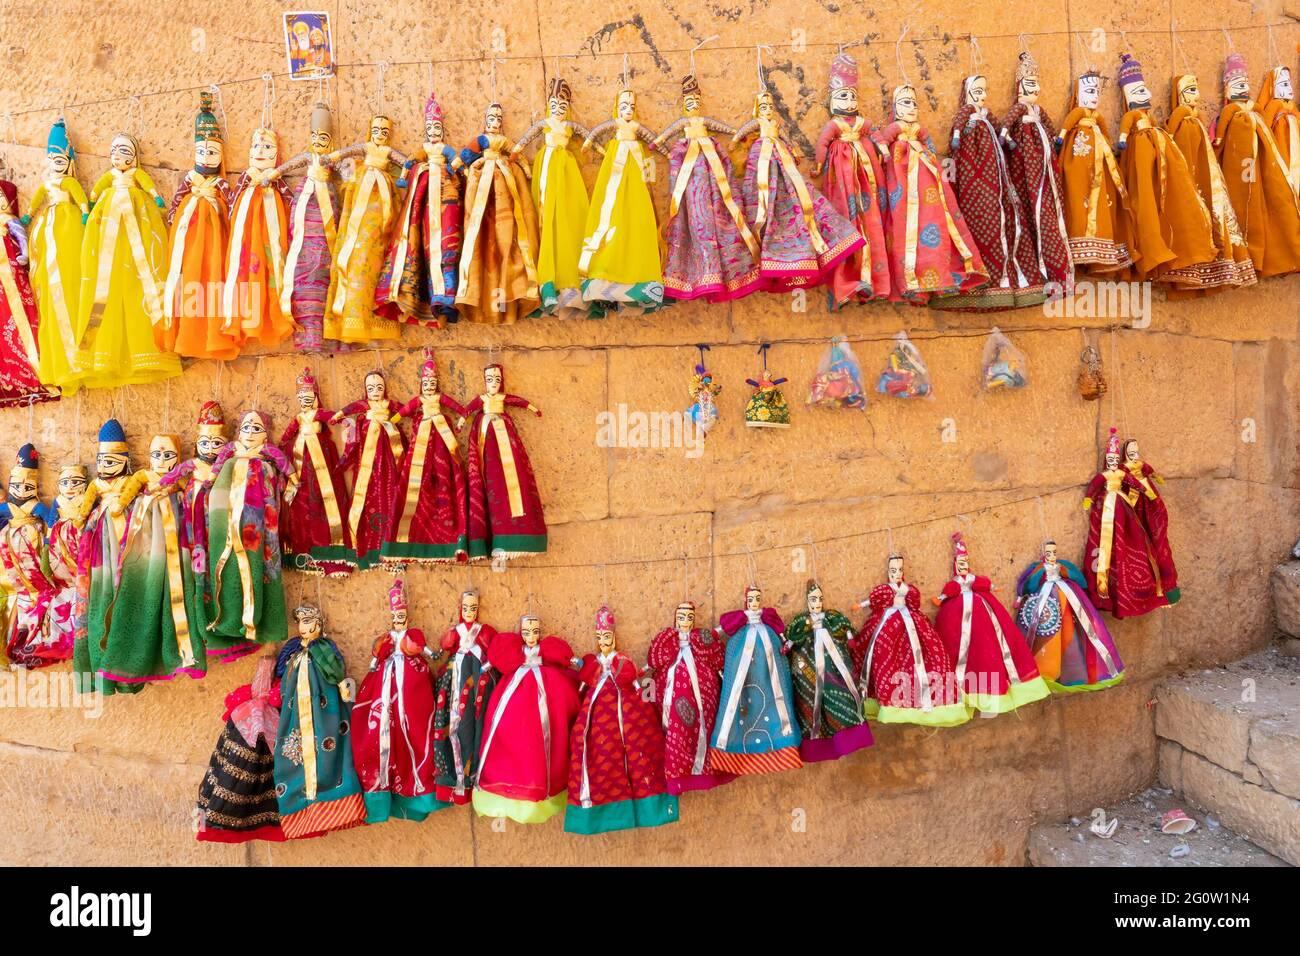 Tradicional Rey y reina, llamado Raja Rani, marionetas hechas a mano o Katputli Sets están colgando de la pared dentro de jaislamer fort, Rajasthan, India. Muñecas i Foto de stock